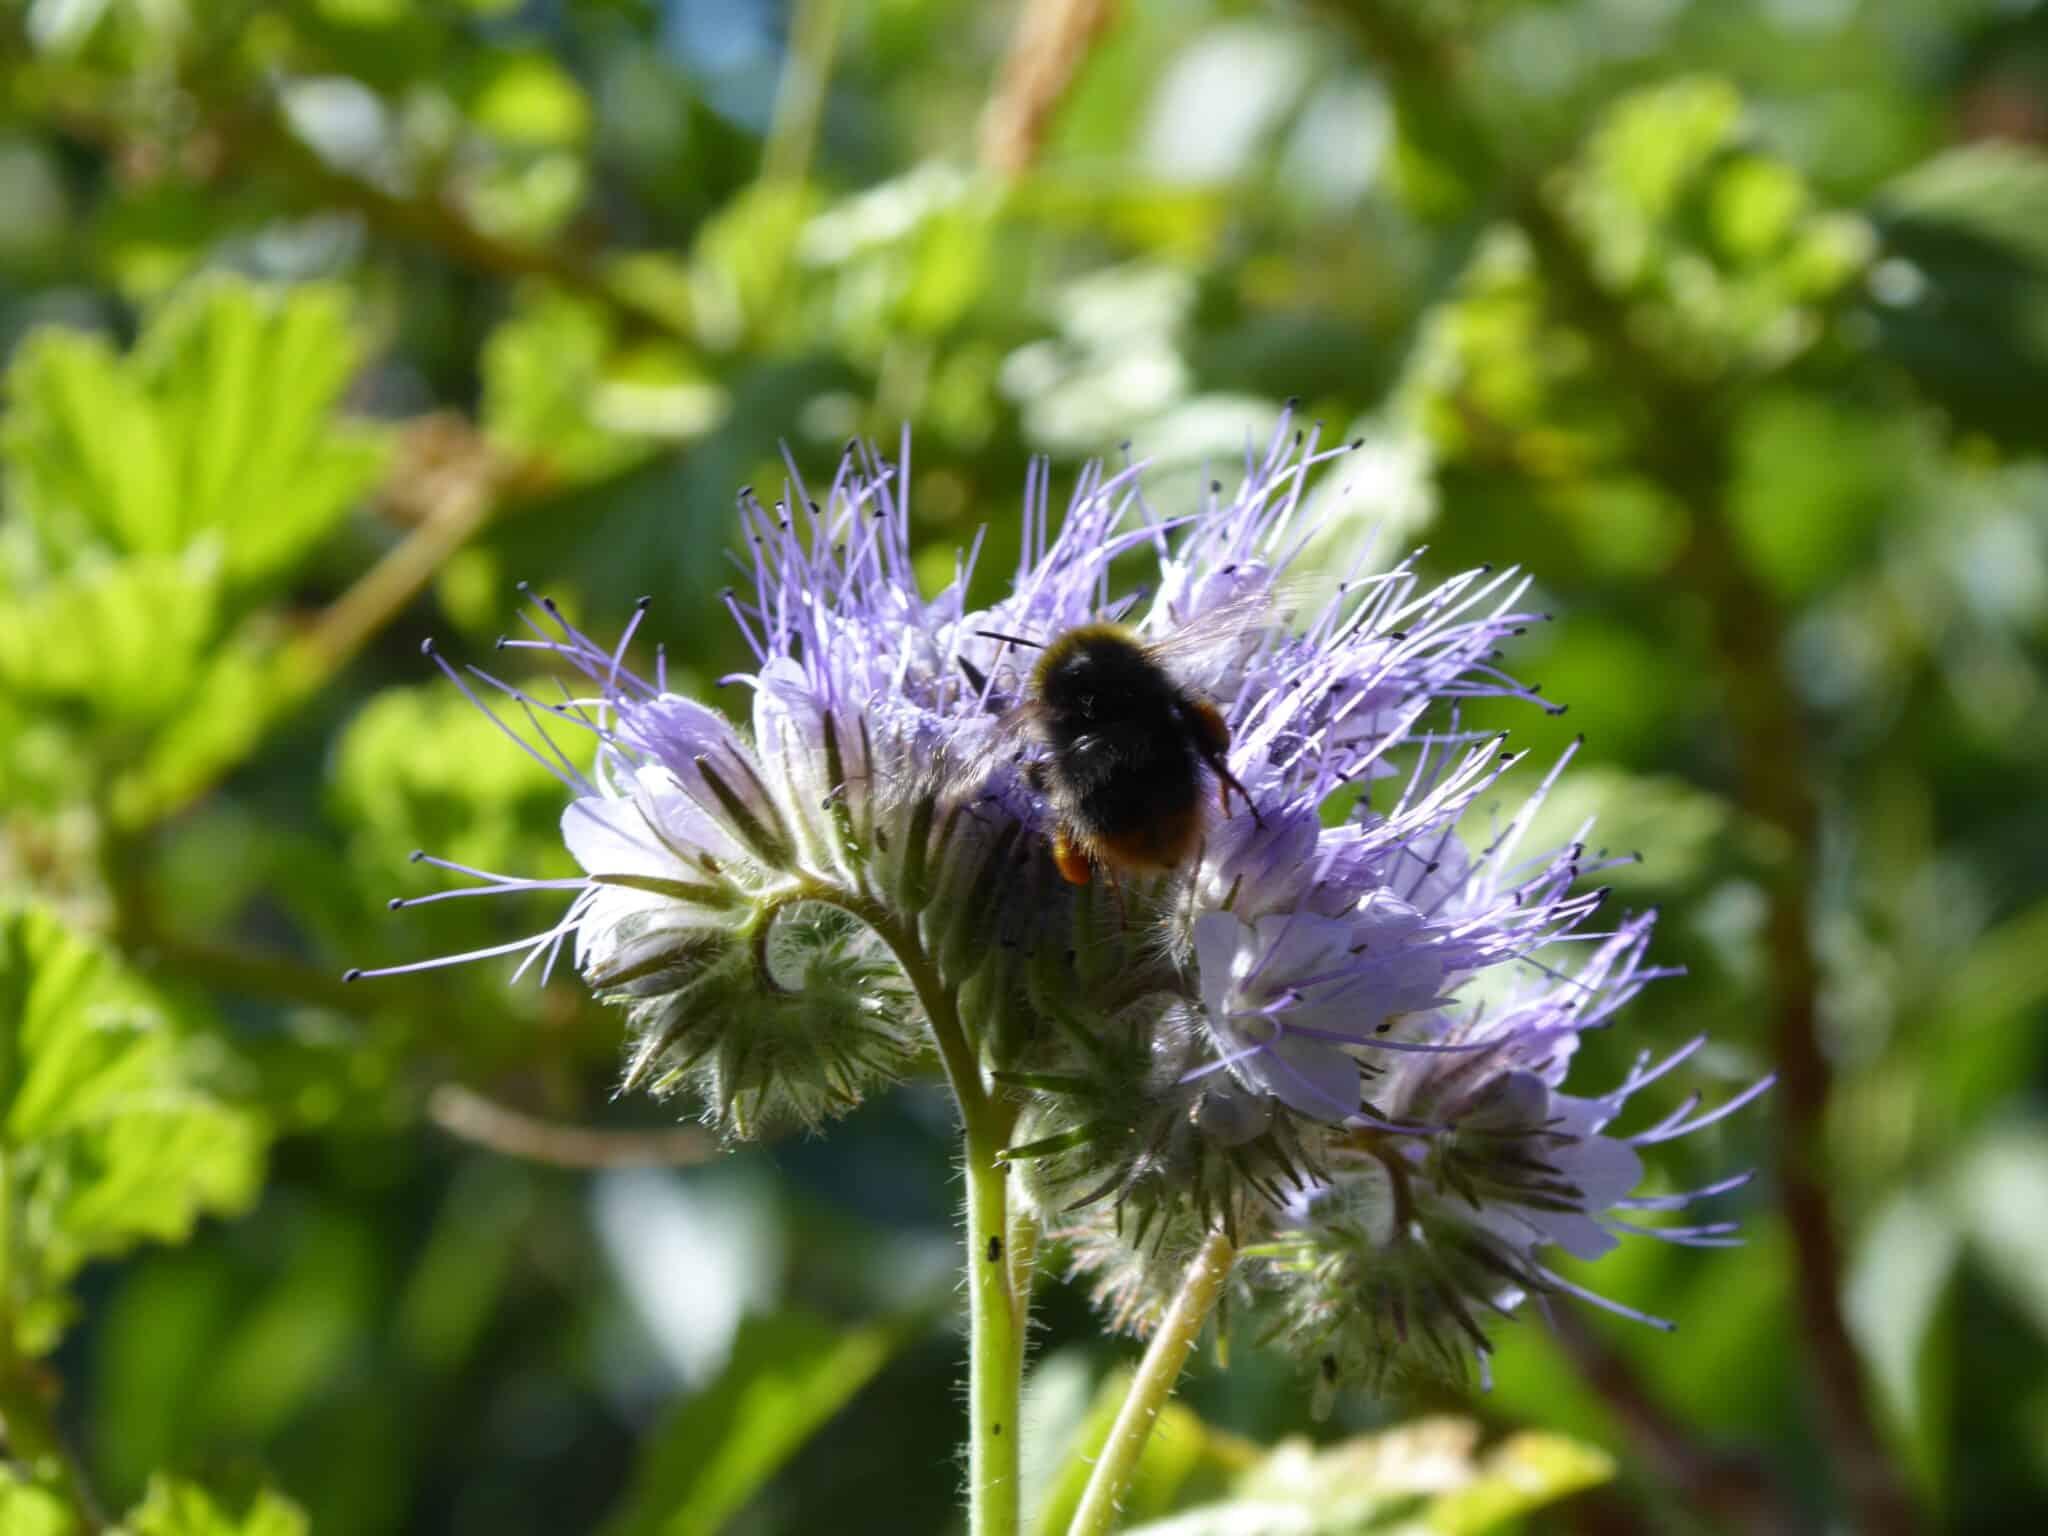 Balkon im Oktober - es kann Anfang Oktober noch Phacelia (Bienenweide) ausgesät werden. Sie blüht schnell und könnte den Bienen noch als letzte Nahrung dienen.